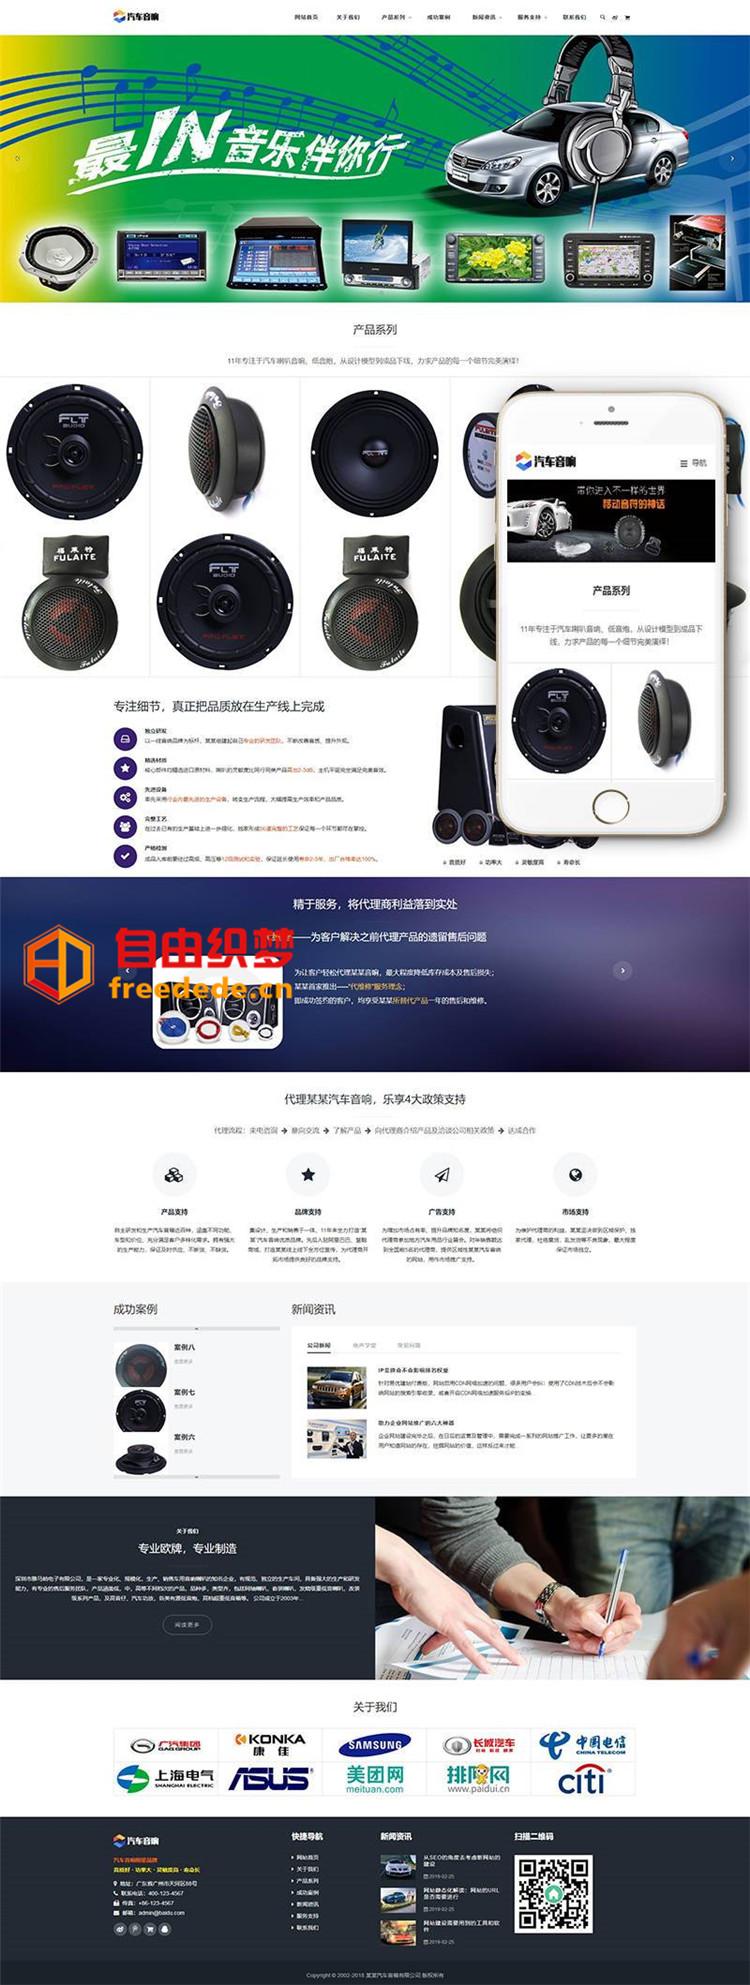 爱上源码网文章dedecms模板下载 响应式汽车音箱喇叭低音炮类网站织梦模板(自适应手机端)的内容插图